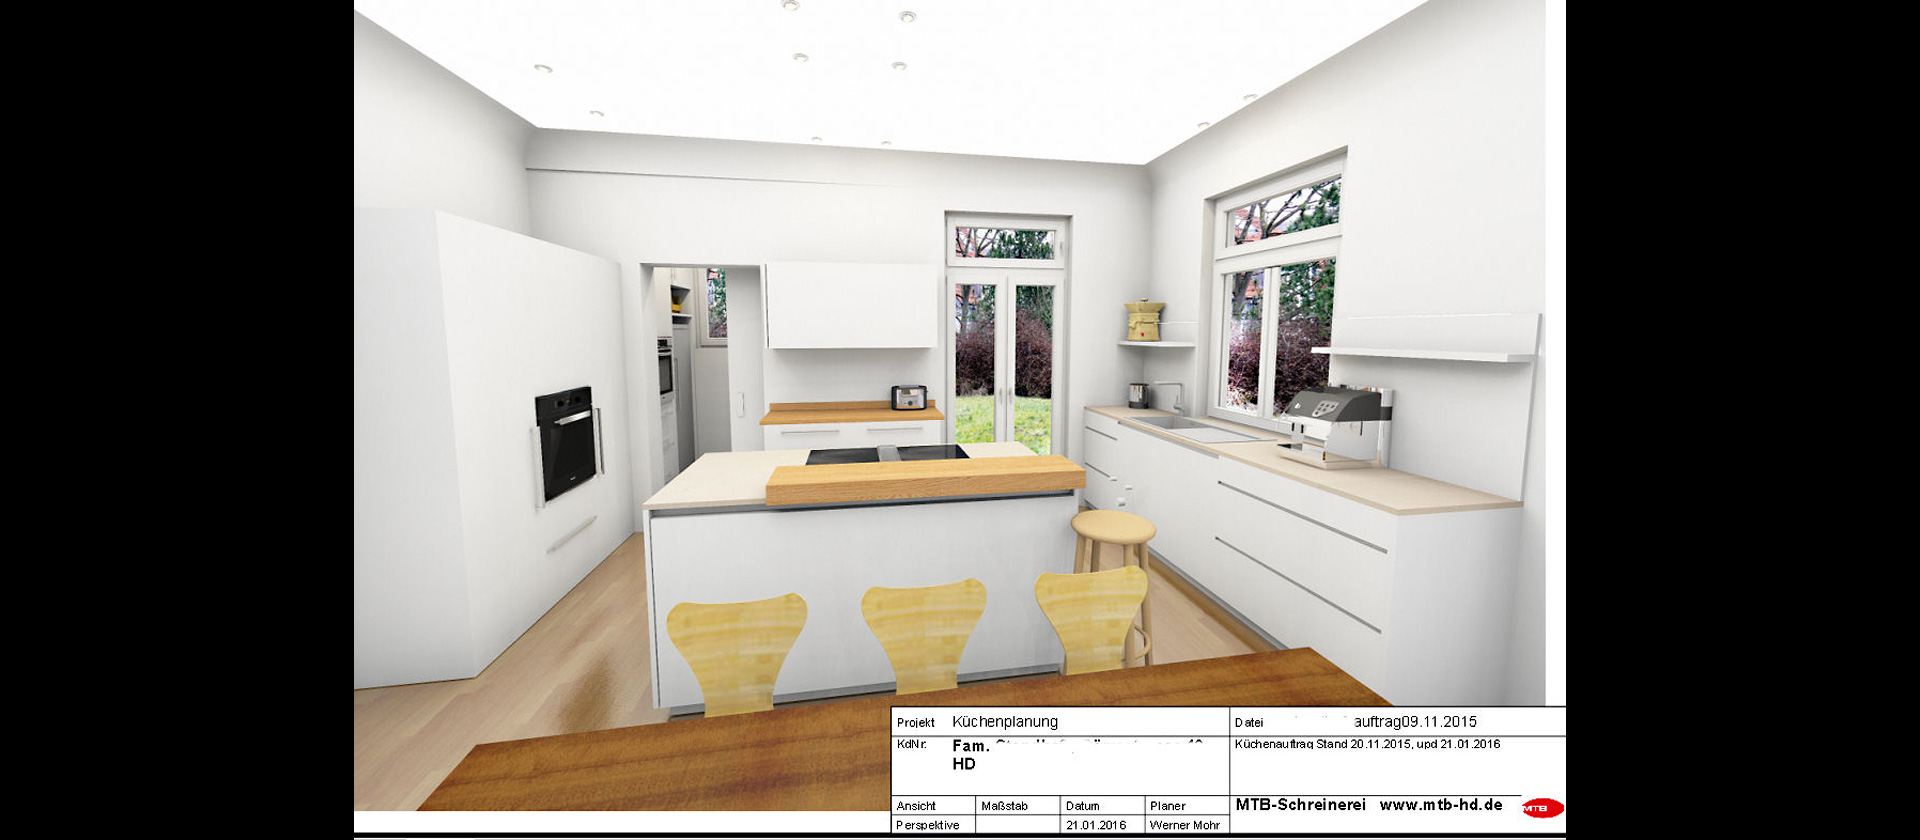 Großzügig Küchenwand Lackfarben 2015 Bilder - Ideen Für Die Küche ...